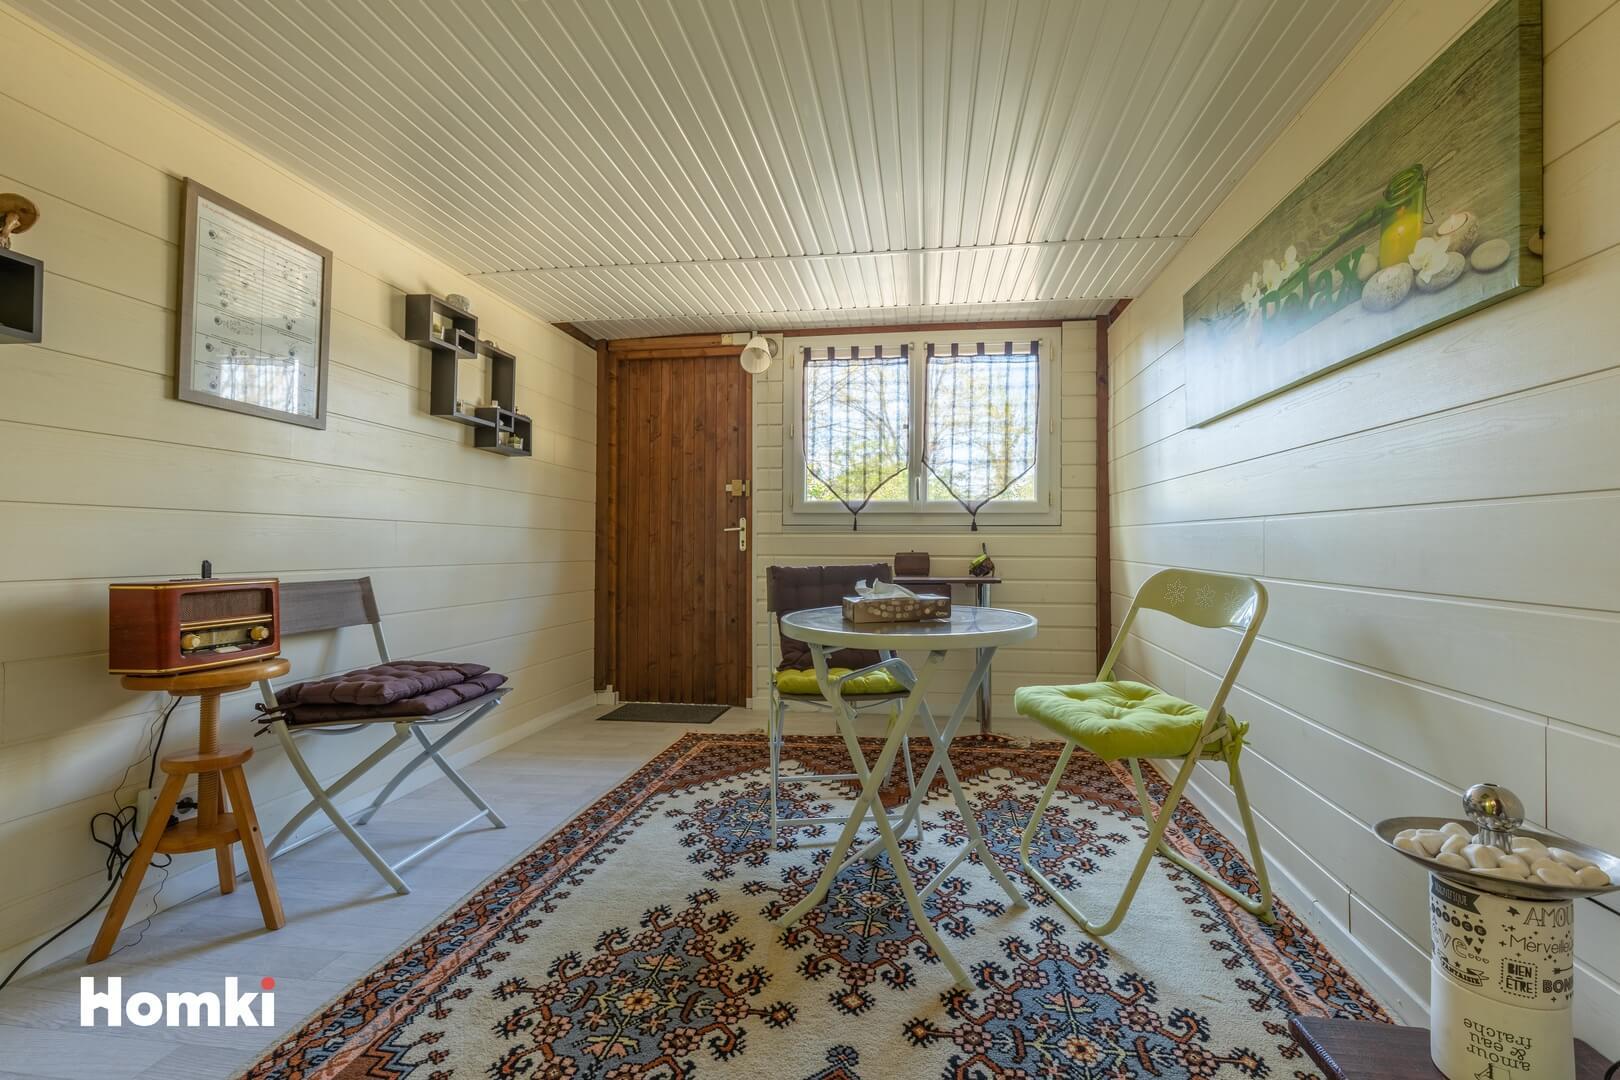 Homki - Vente Maison/villa  de 170.0 m² à ARSAC 33460